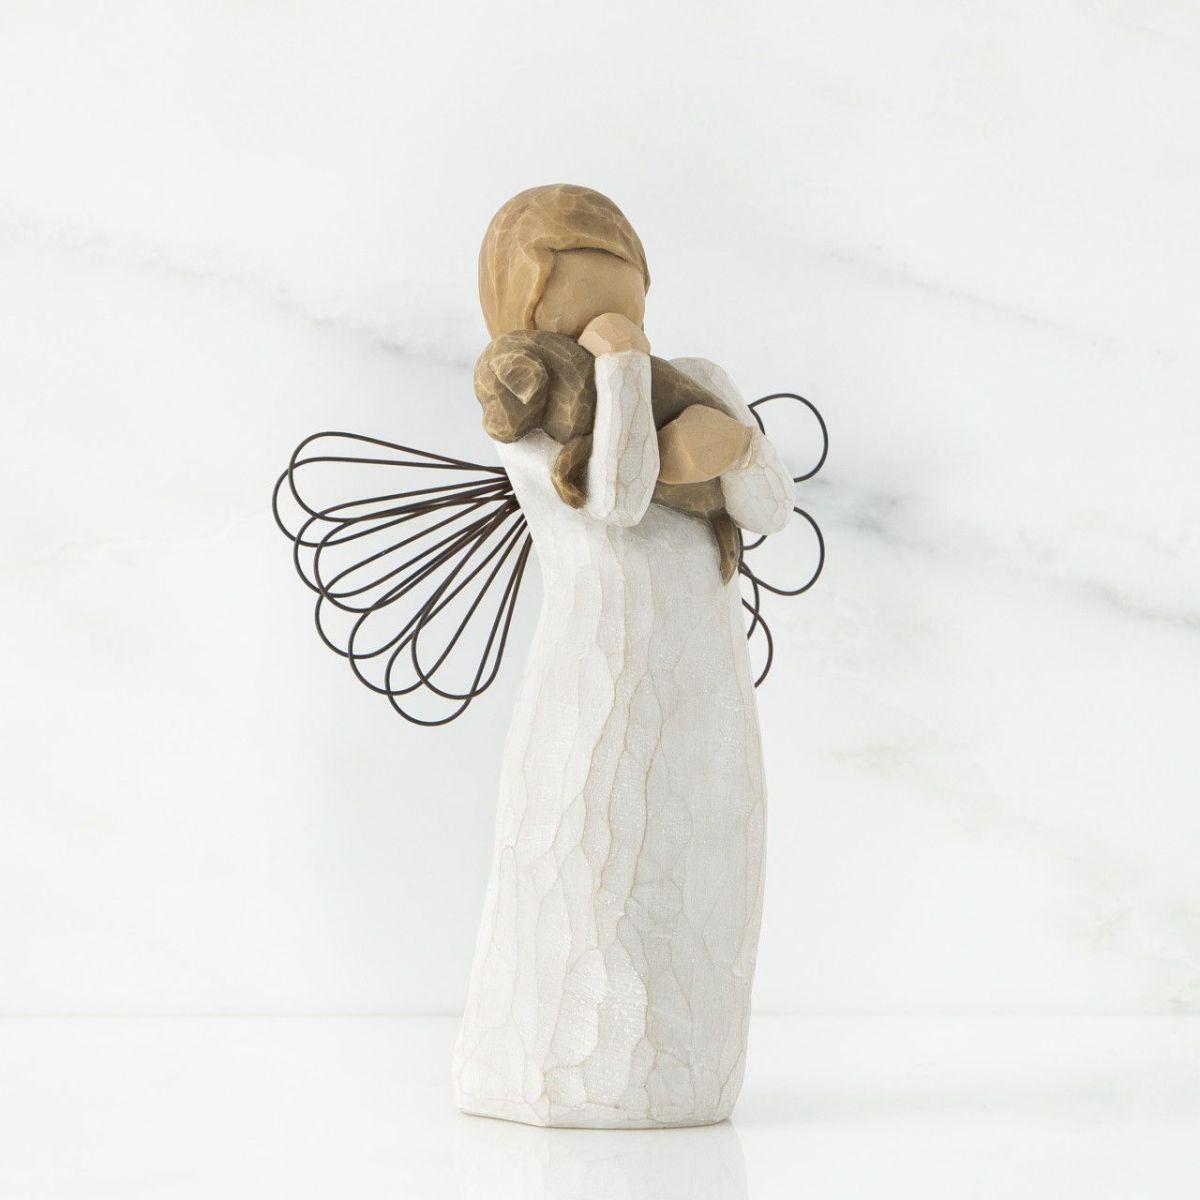 ウィローツリー天使像 友情 犬 おしゃれでかわいい天使の置物 オブジェ 彫刻 フィギュリン 人形 インテリア雑貨 Willow Tree Angel of Friendship 正規輸入品